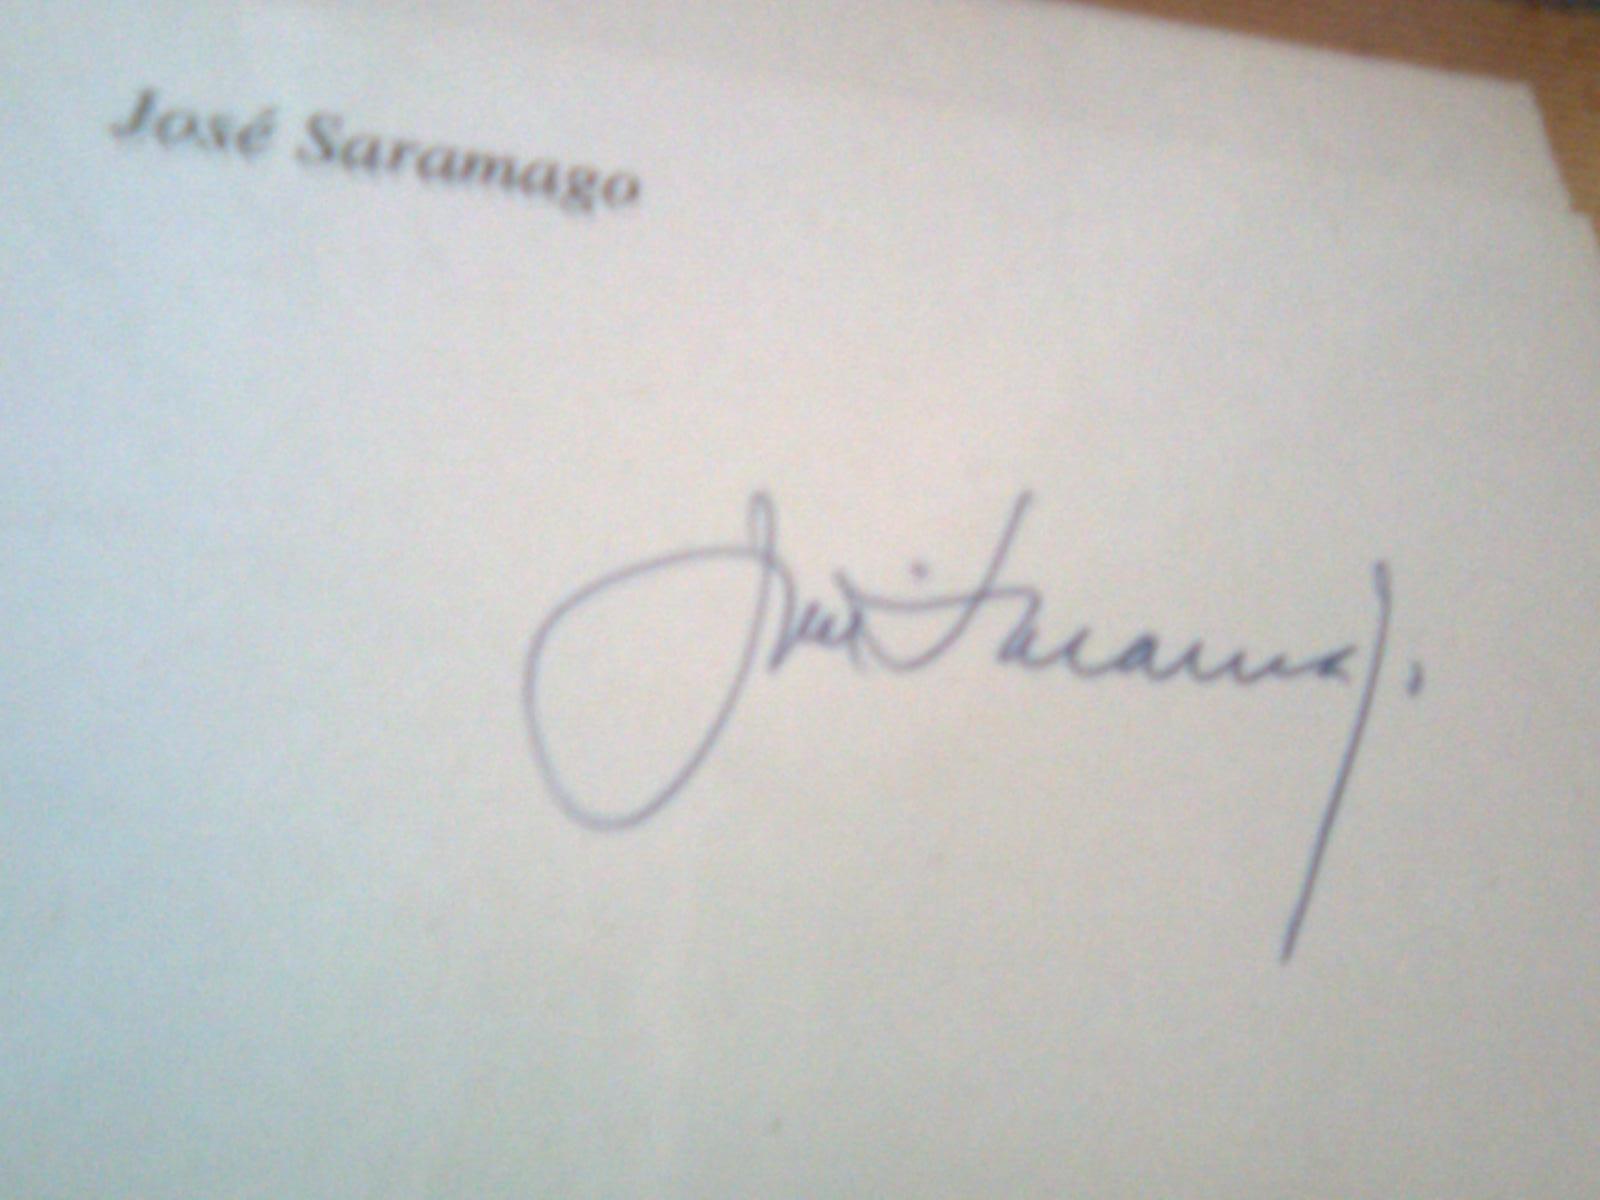 José Saramago Autograph